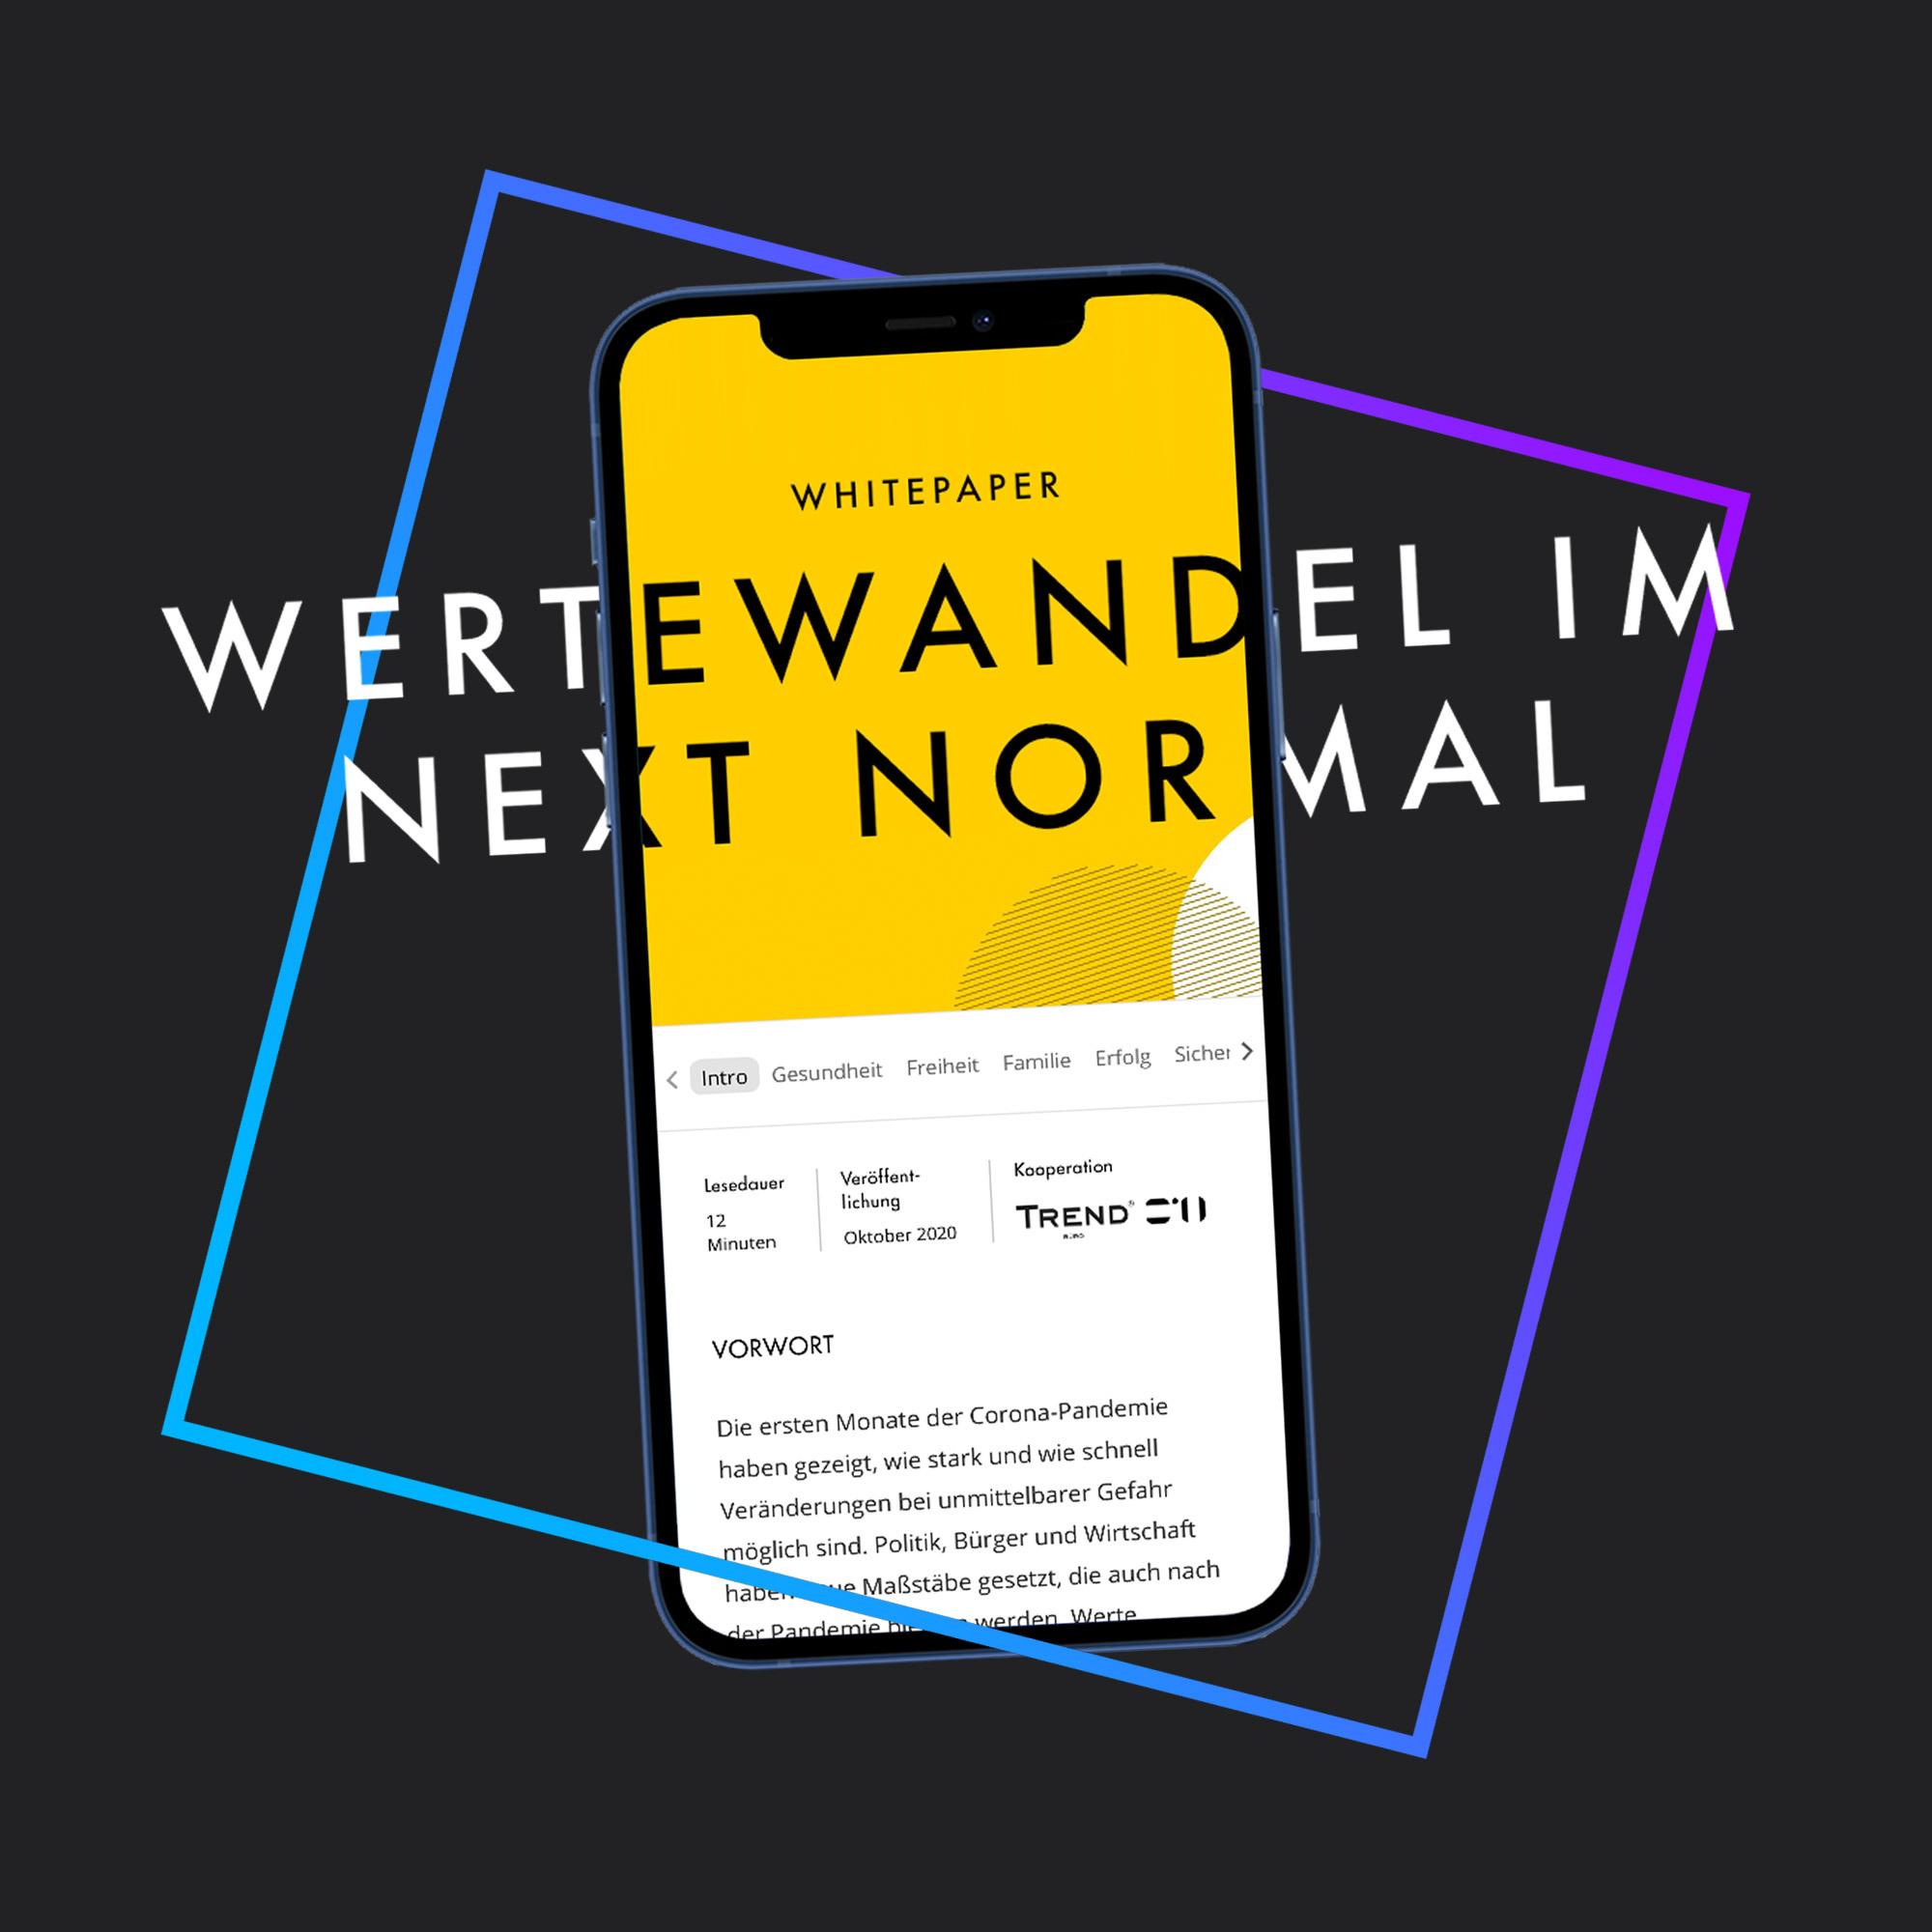 Das Bild zeigt einen Smartphone Screen mit dem geöffneten Whitepaper zum Thema Wertewandel im Next Normaln